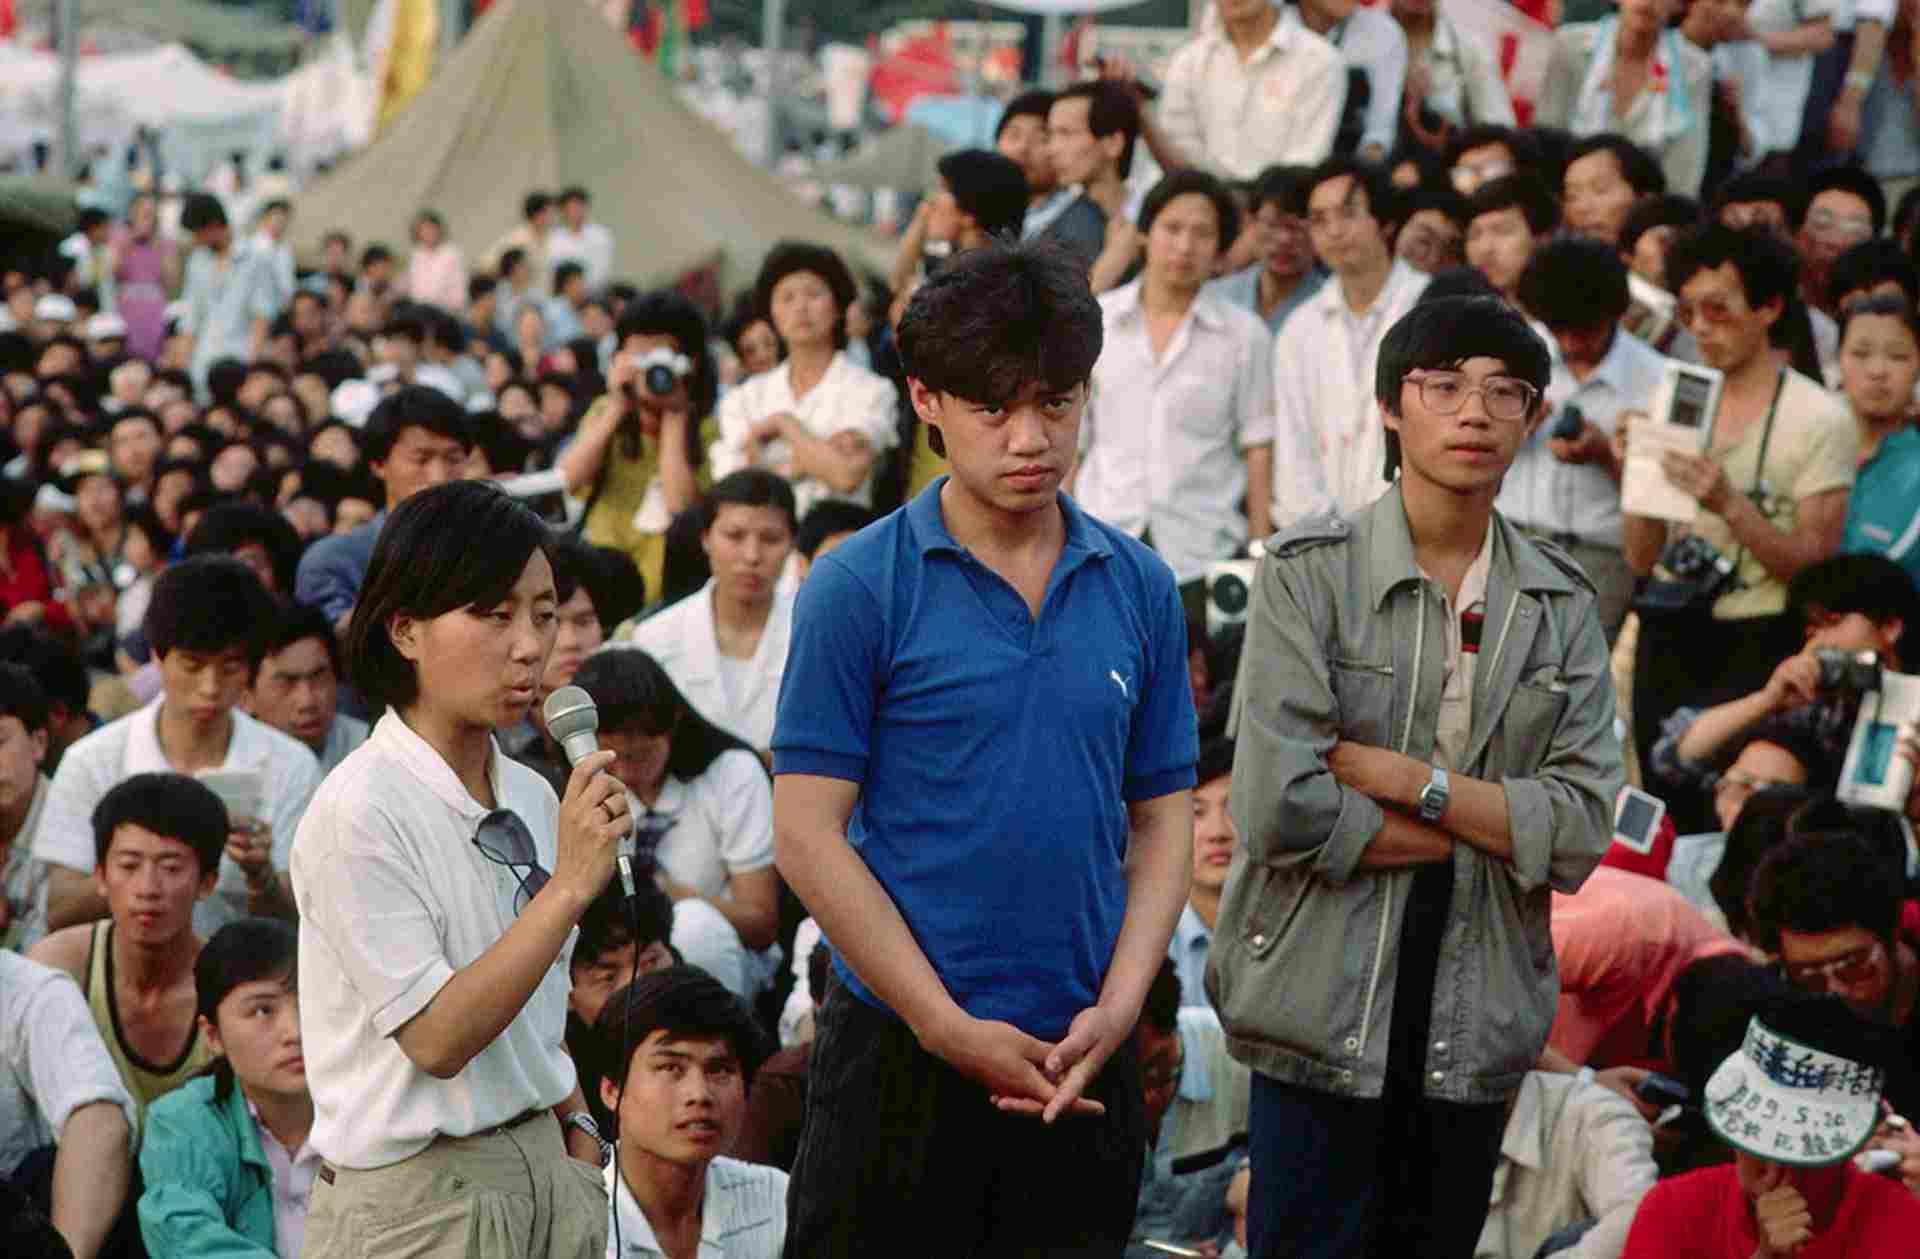 Hàng trăm sinh viên tuyệt thực vô thời hạn tại Quảng trường Thiên An Môn